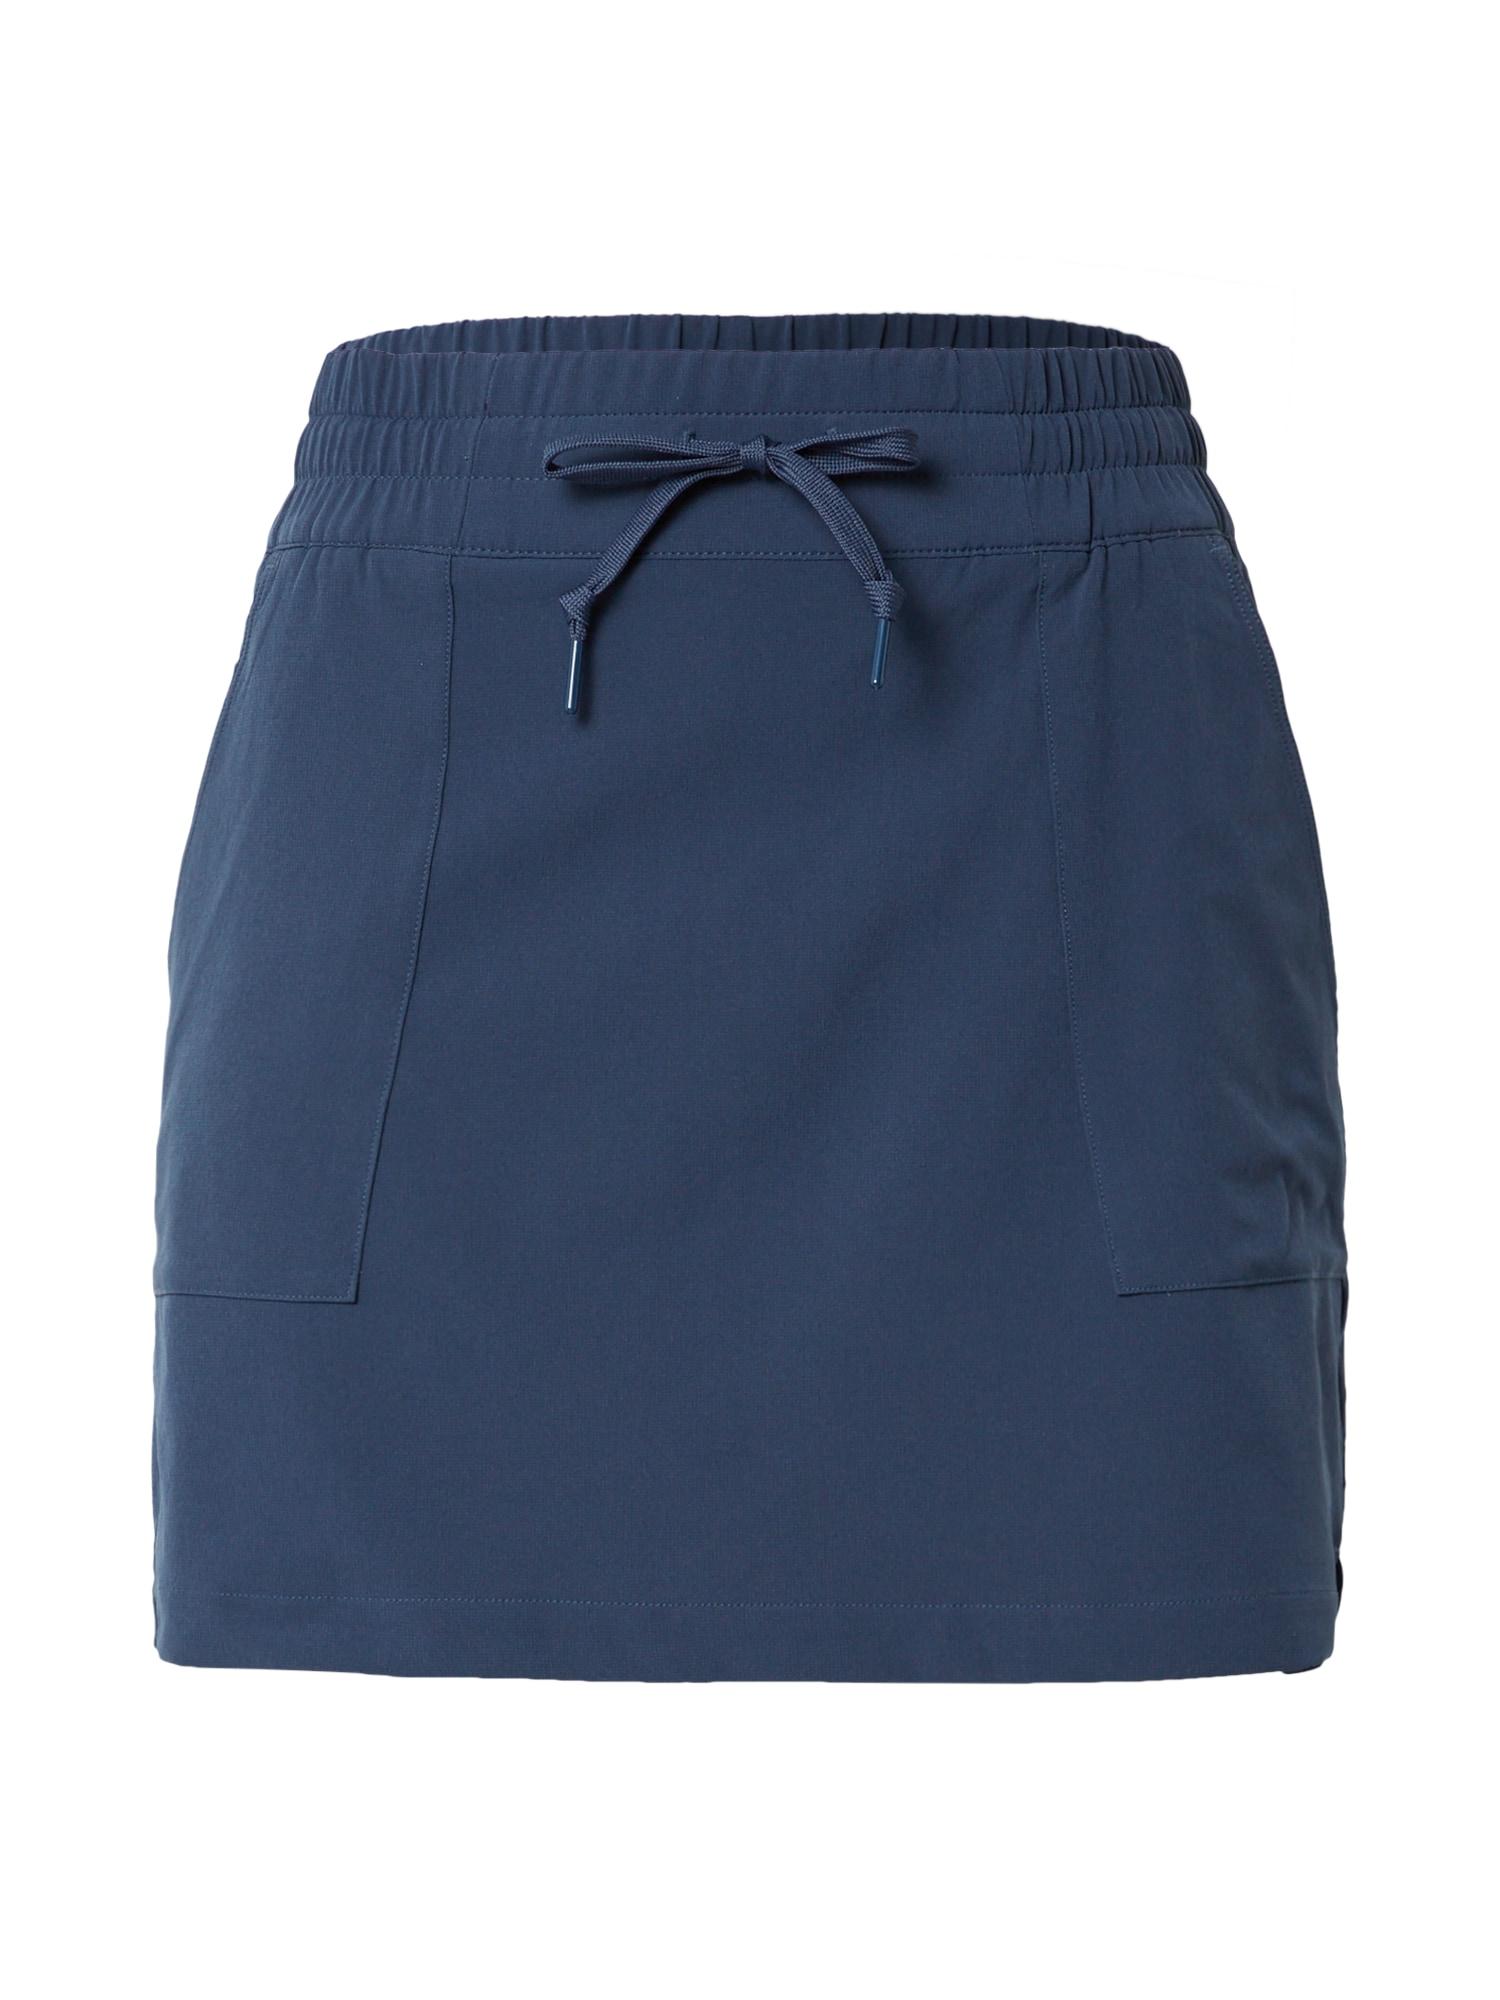 adidas Golf Sportinio stiliaus sijonas 'GO-TO' tamsiai mėlyna